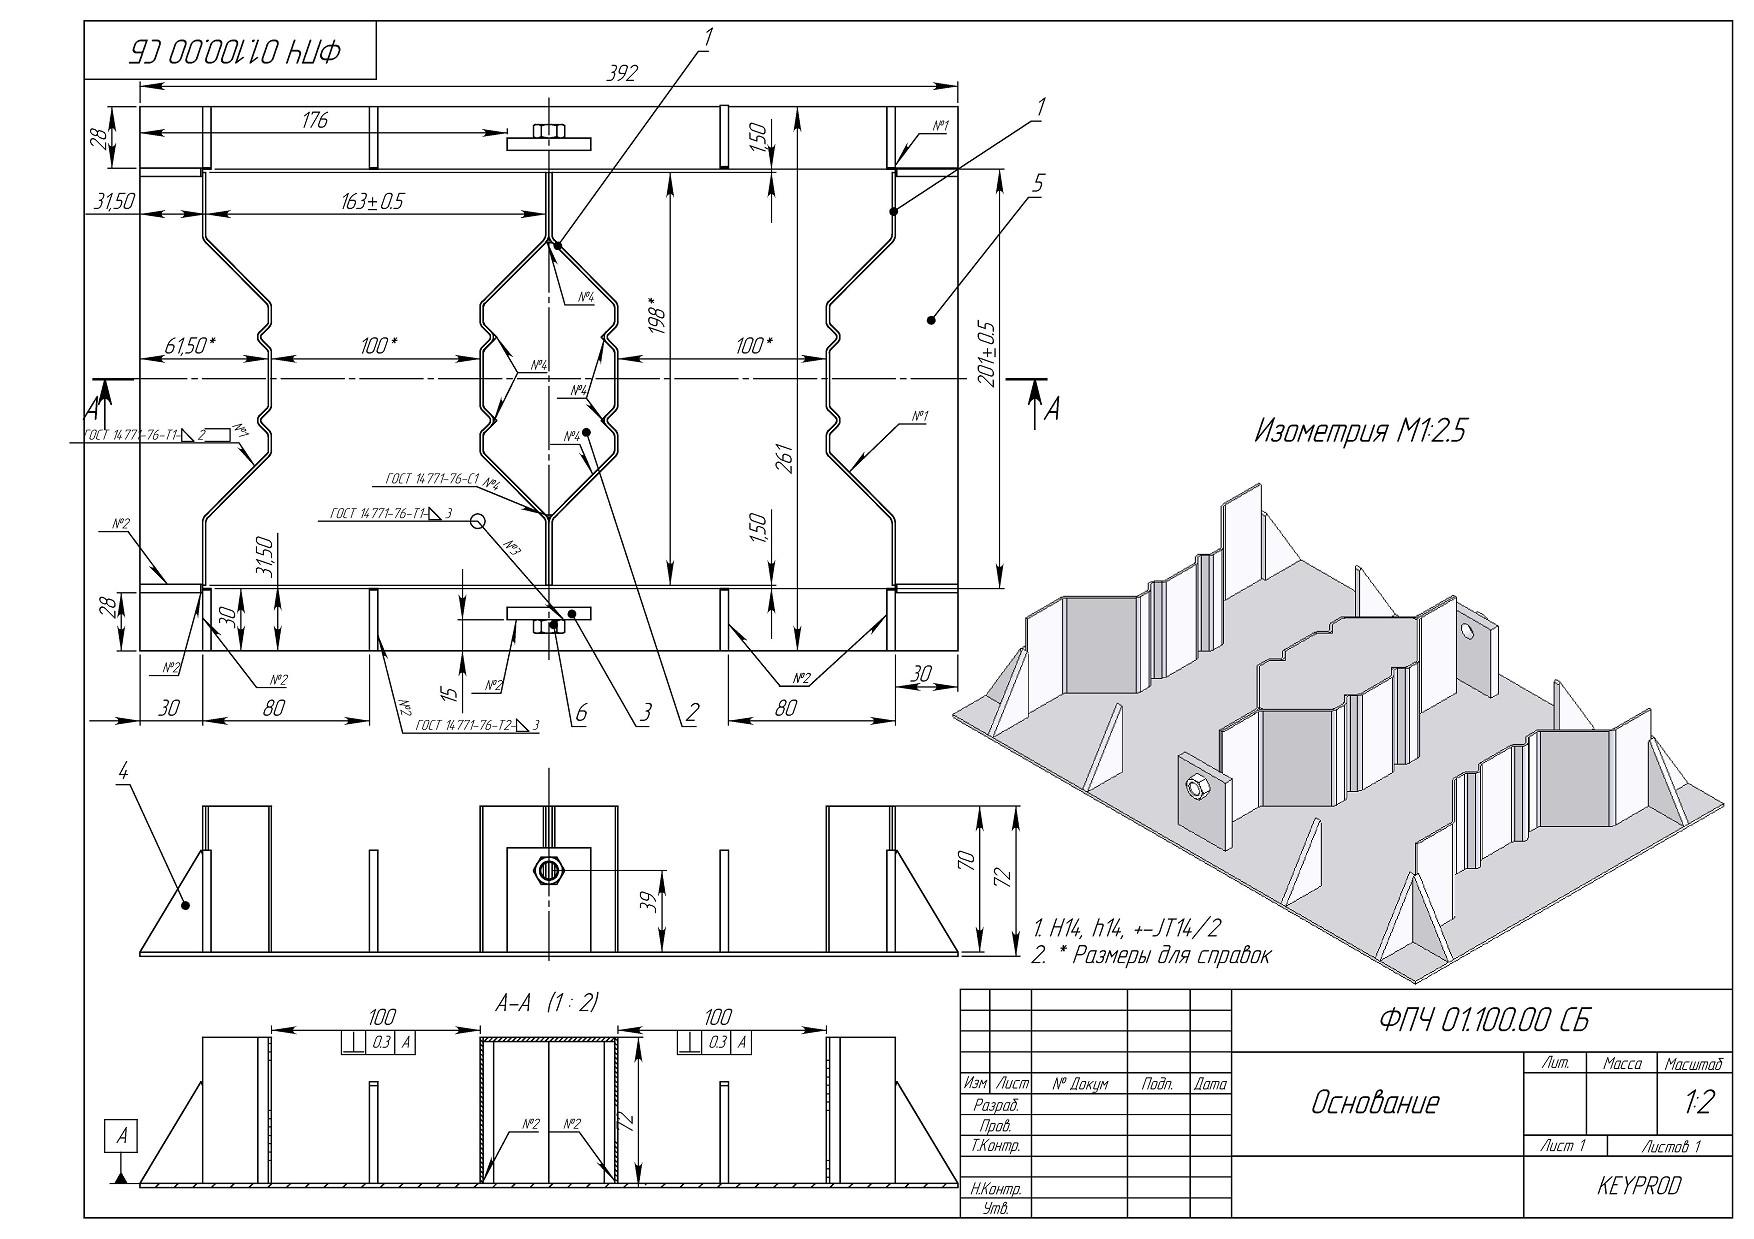 Станок для производства тротуарной плитки чертежи